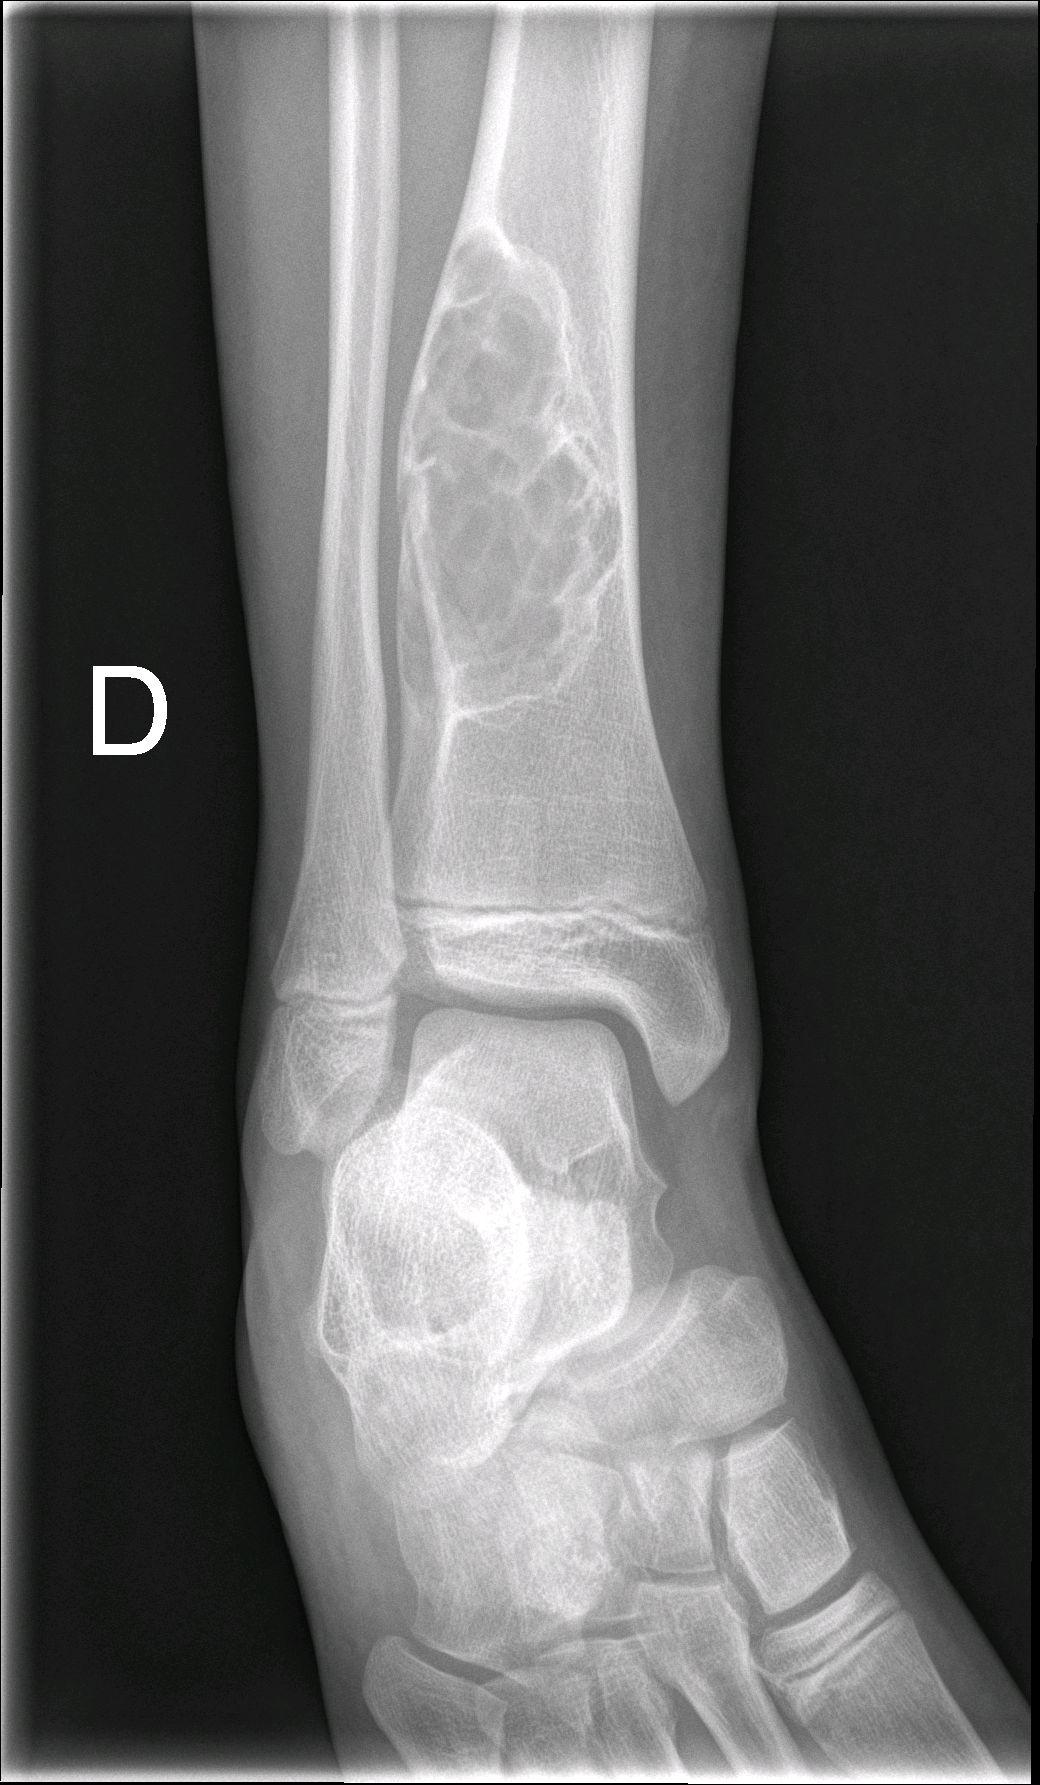 Continuum: Niña con dolor en tobillo derecho. ¿Lesión ósea